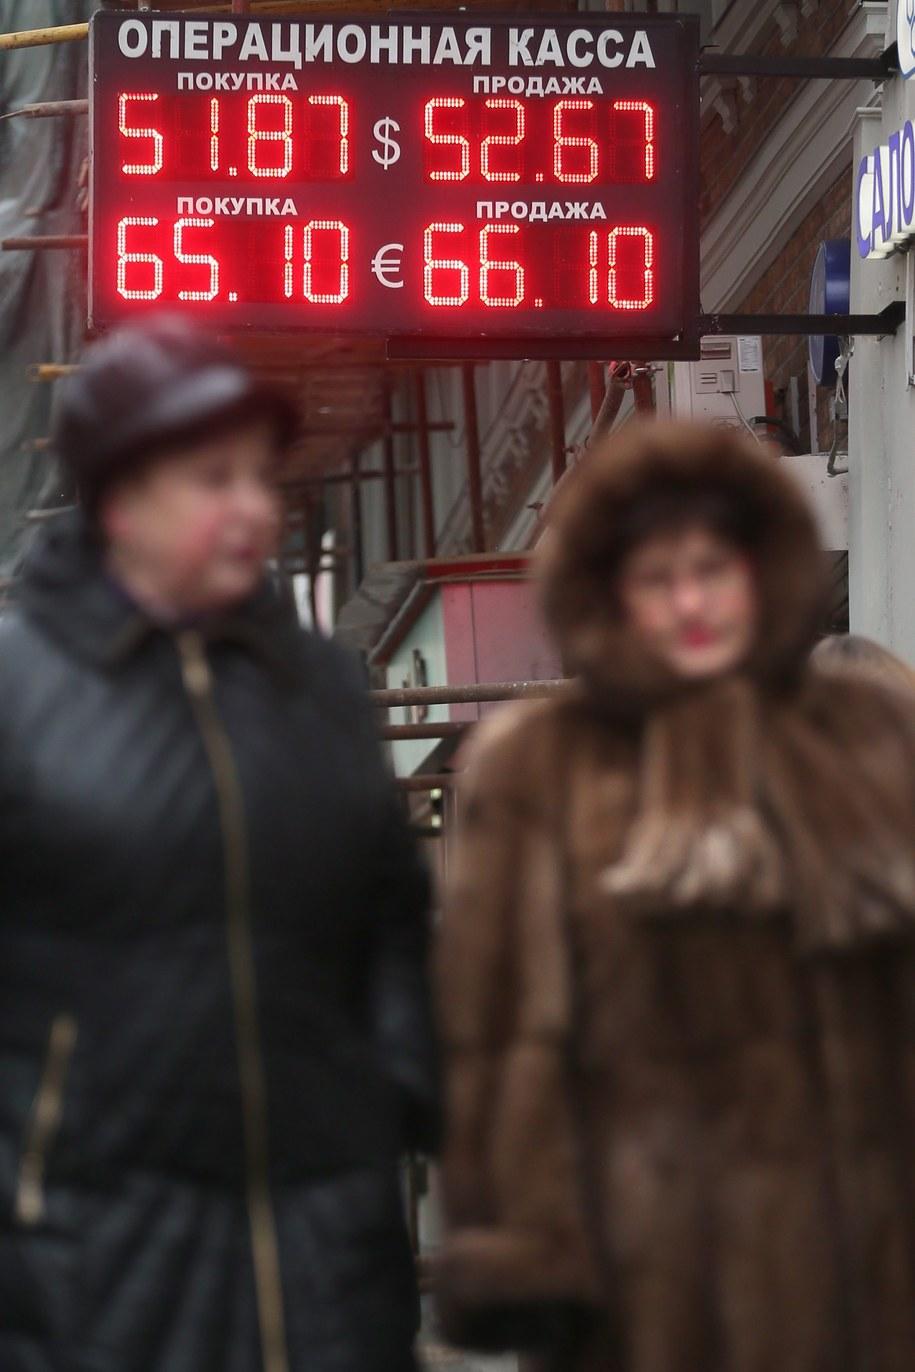 zdj. ilustracyjne /Sergei Ilnitsky /PAP/EPA